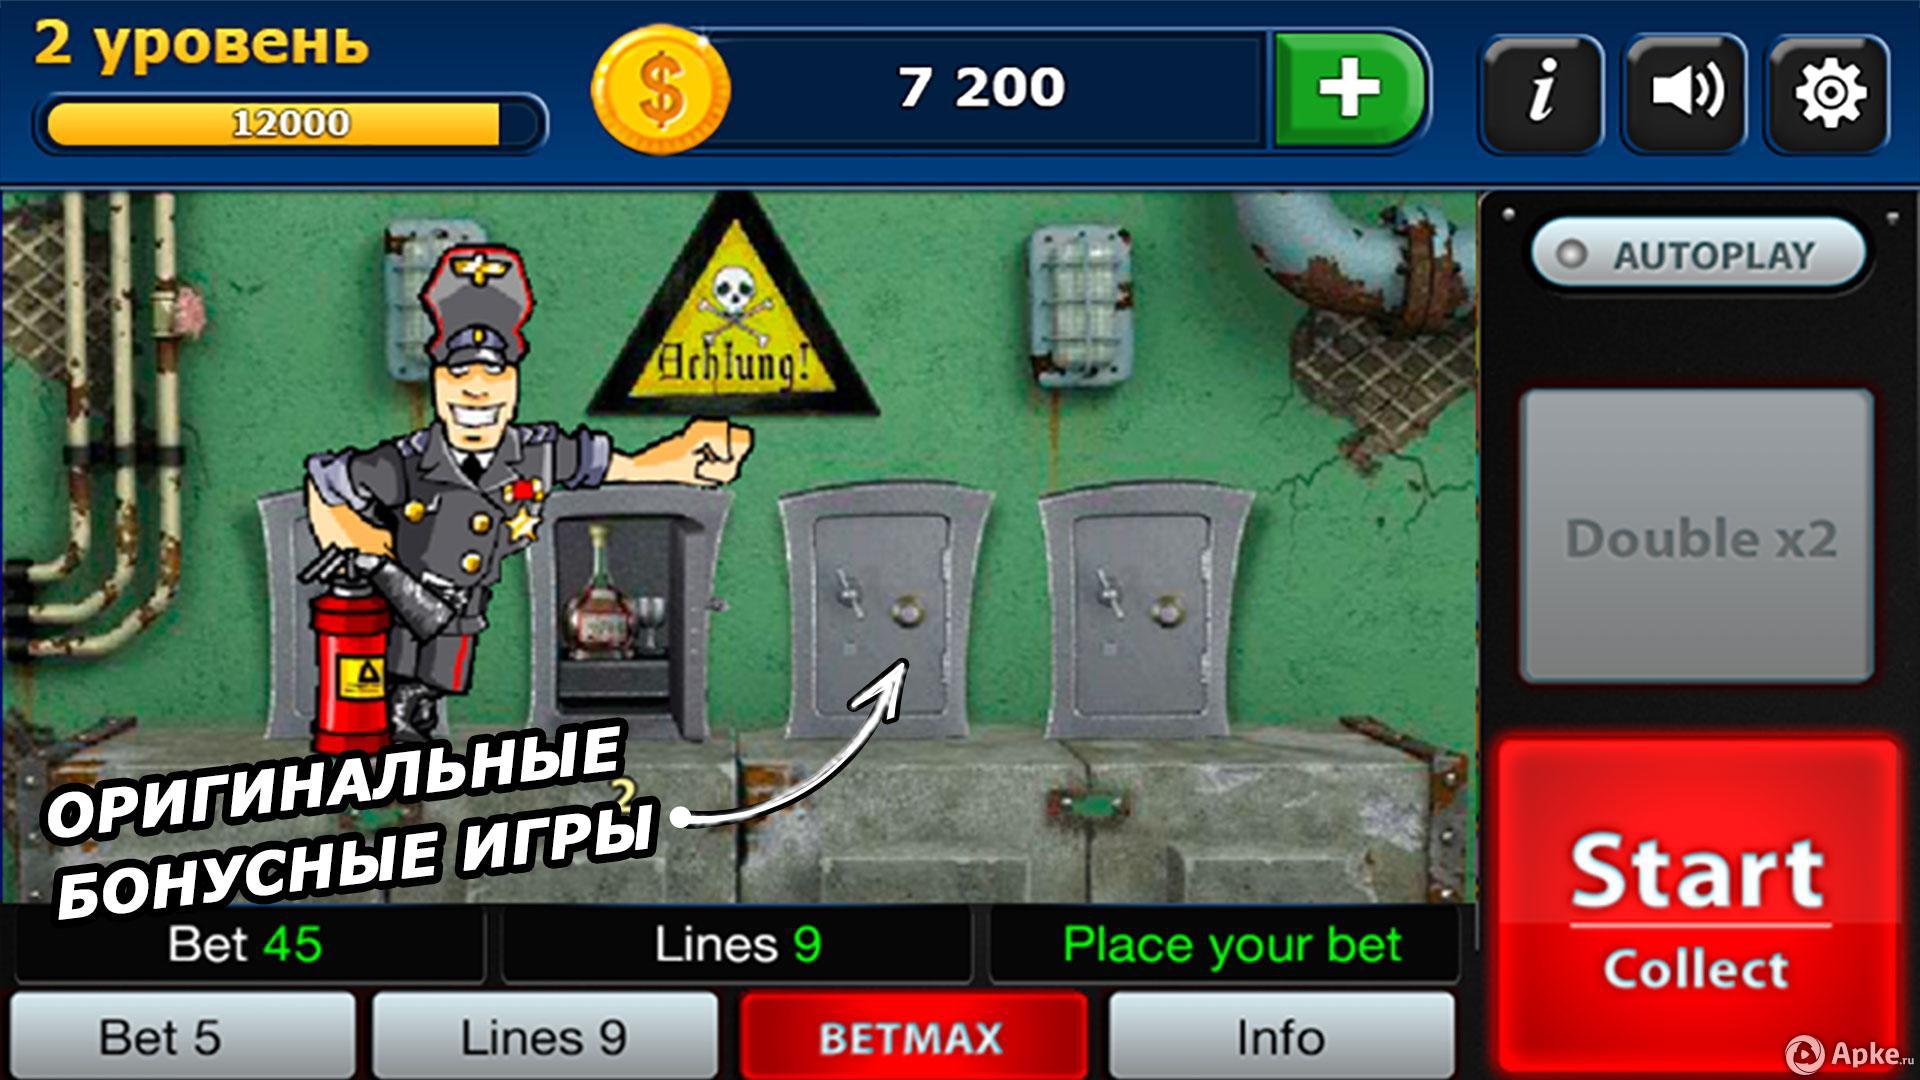 игра автоматов онлайн бесплатно без регистрации вулкан